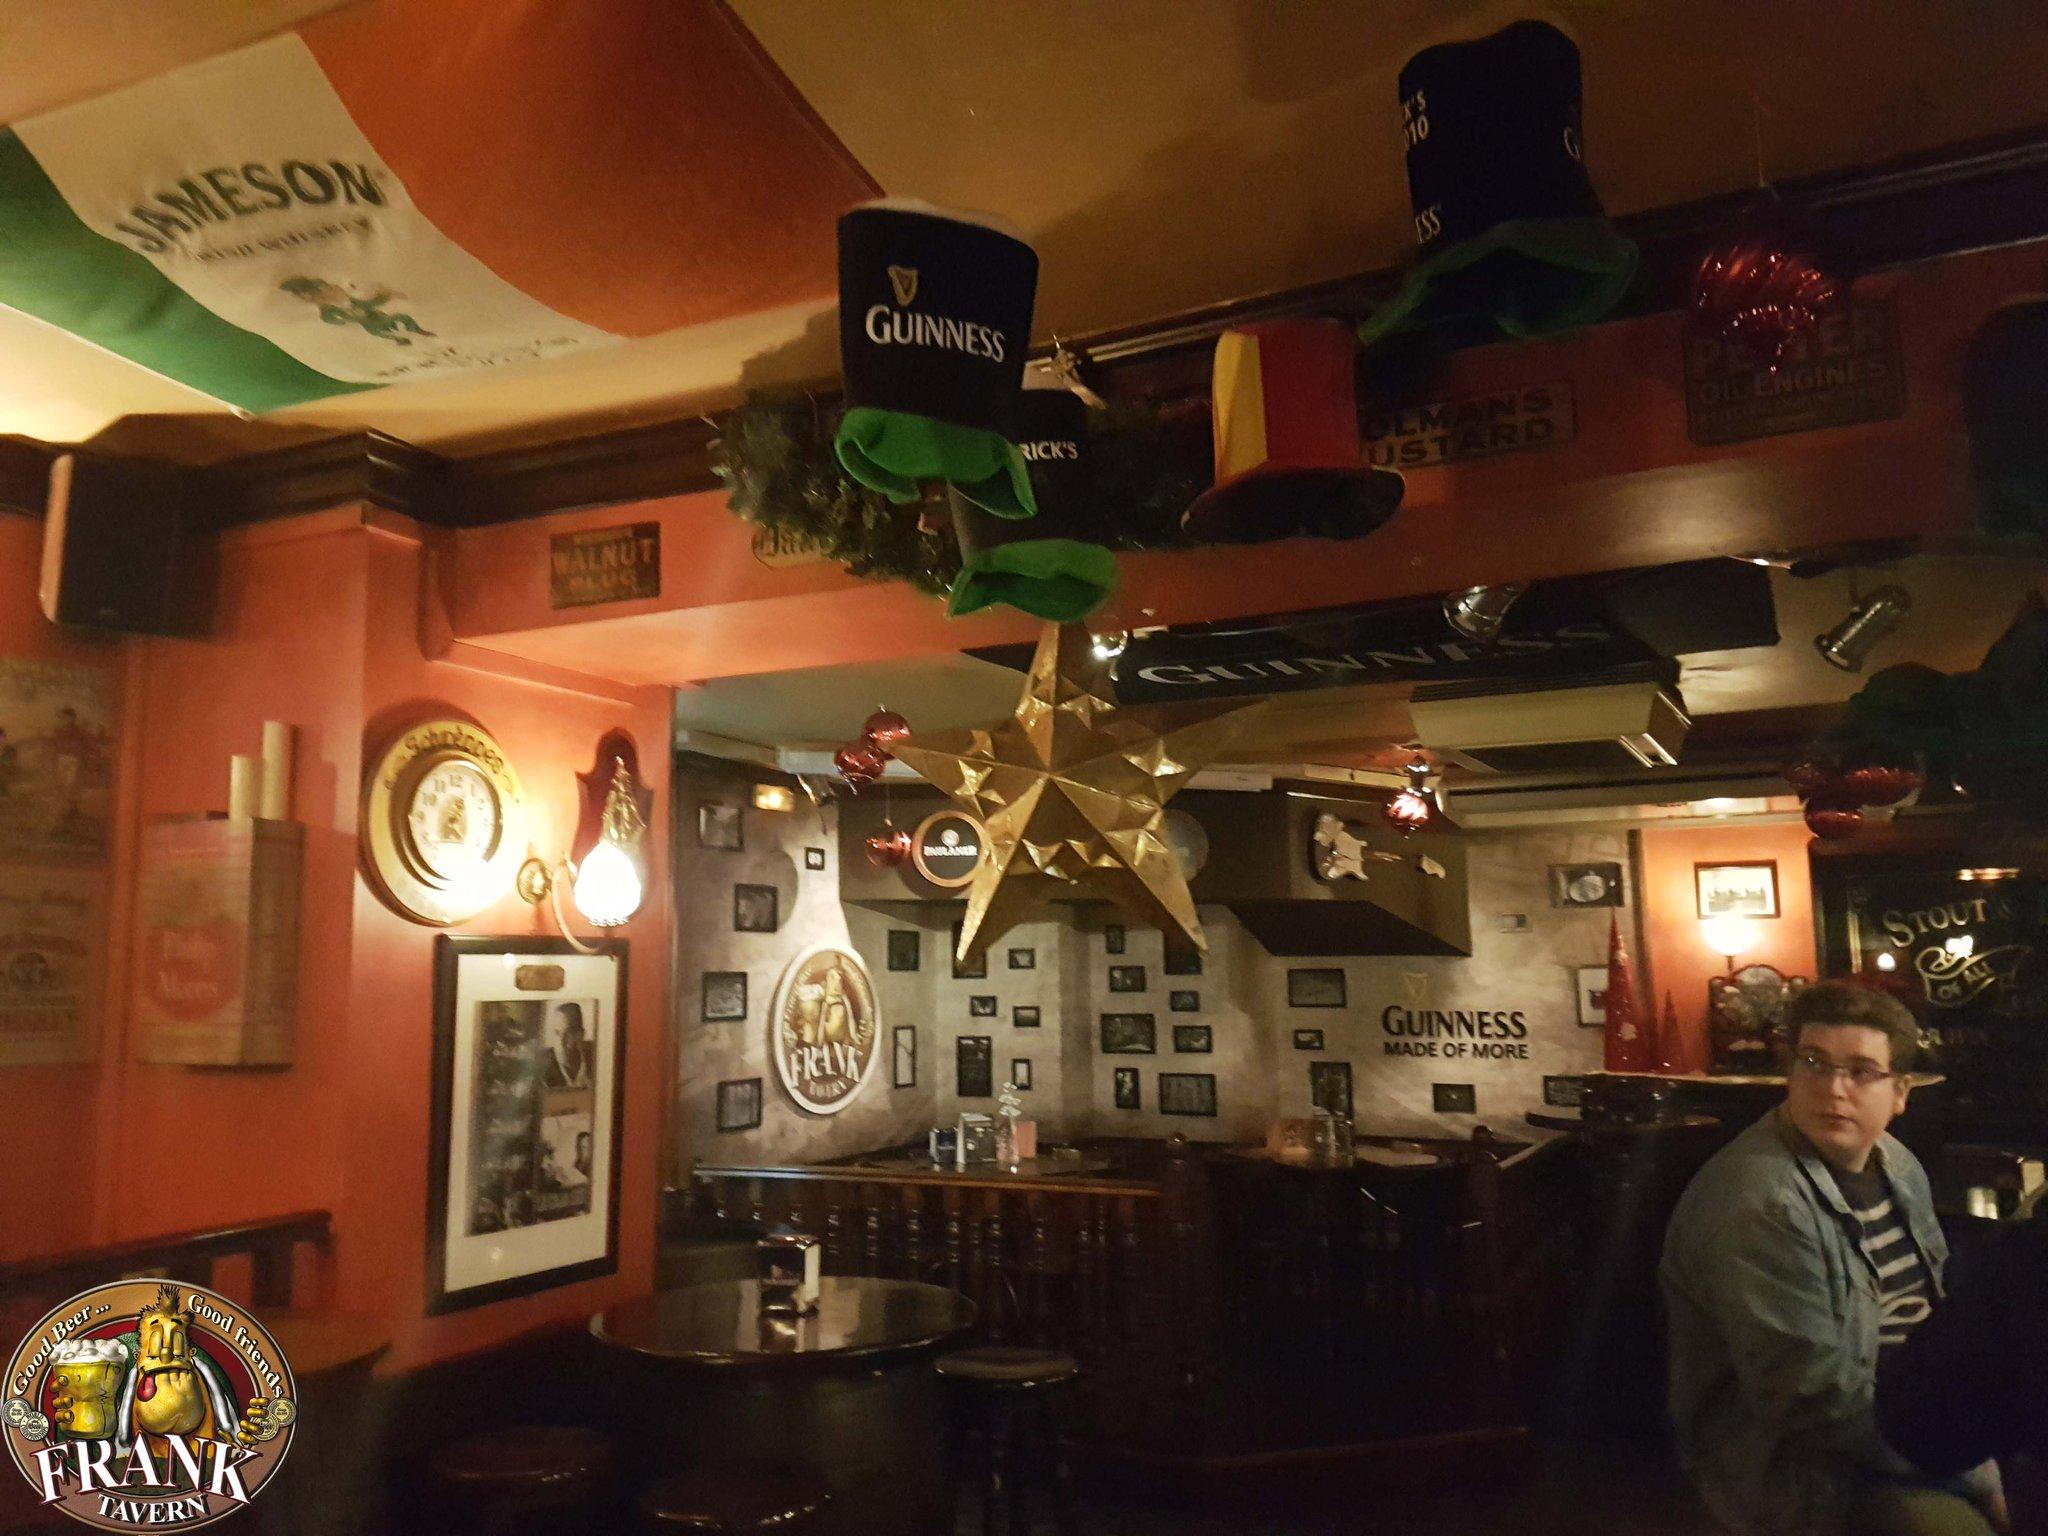 En The Frank Tavern encontrarás una carta de más de 50 variedades de cervezas. Muchos sabores diferentes #CervezasMadrid #Madrid #Madriz https://t.co/mvSqhqMdNq